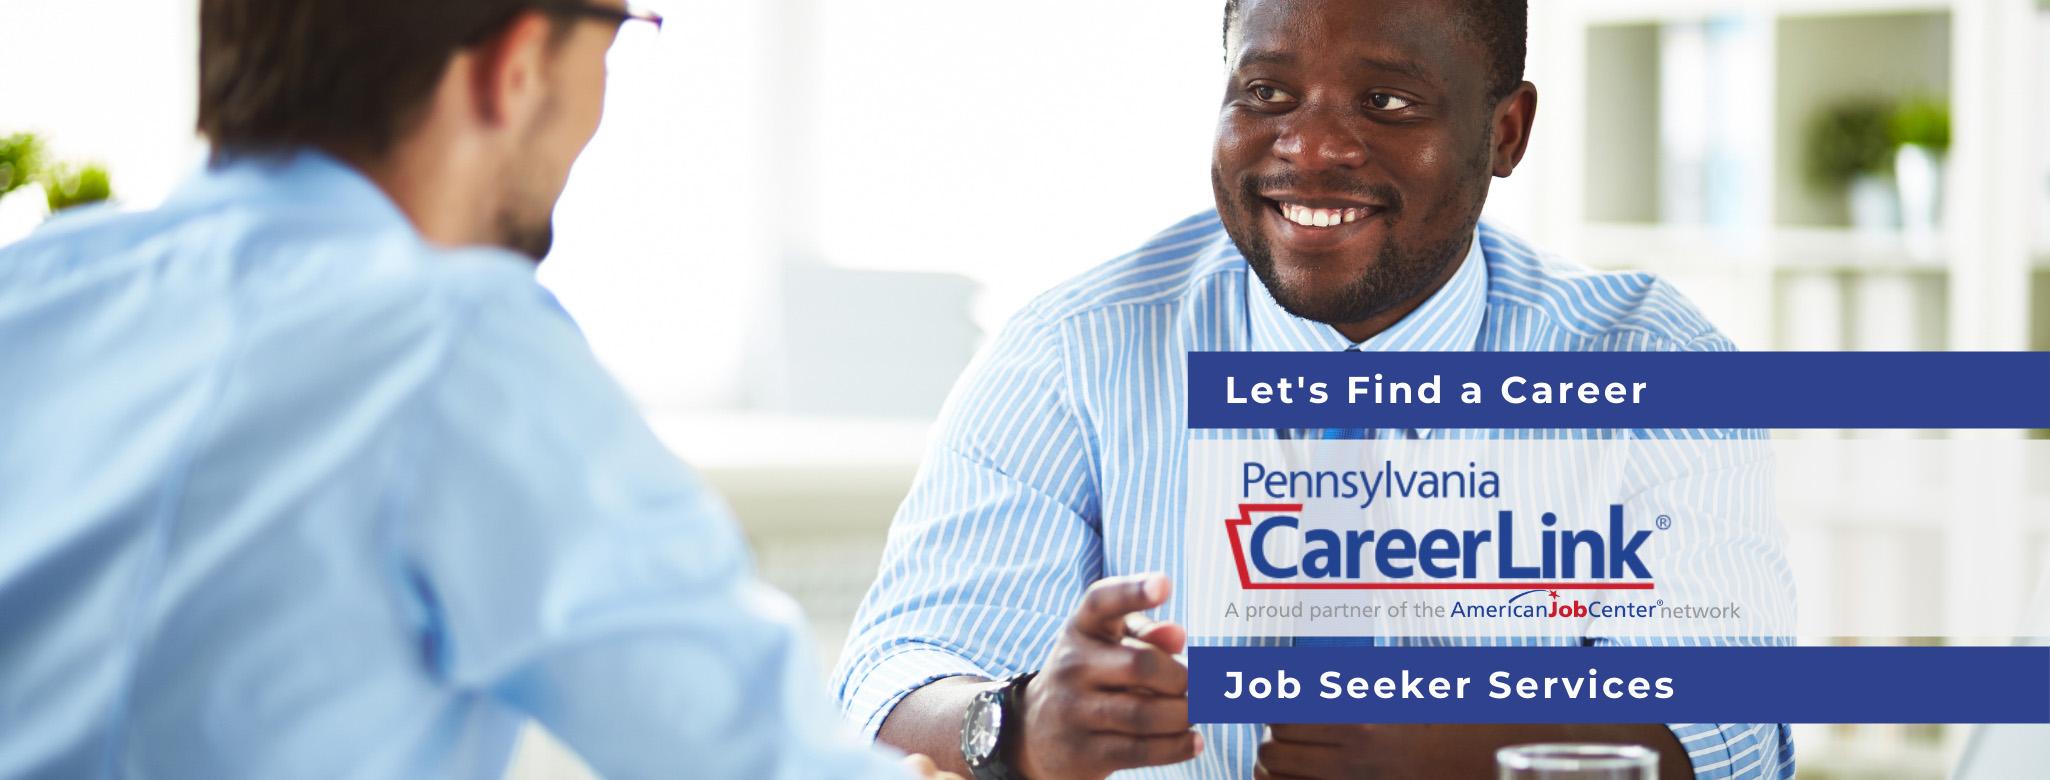 PA CareerLink Job Seeker Header